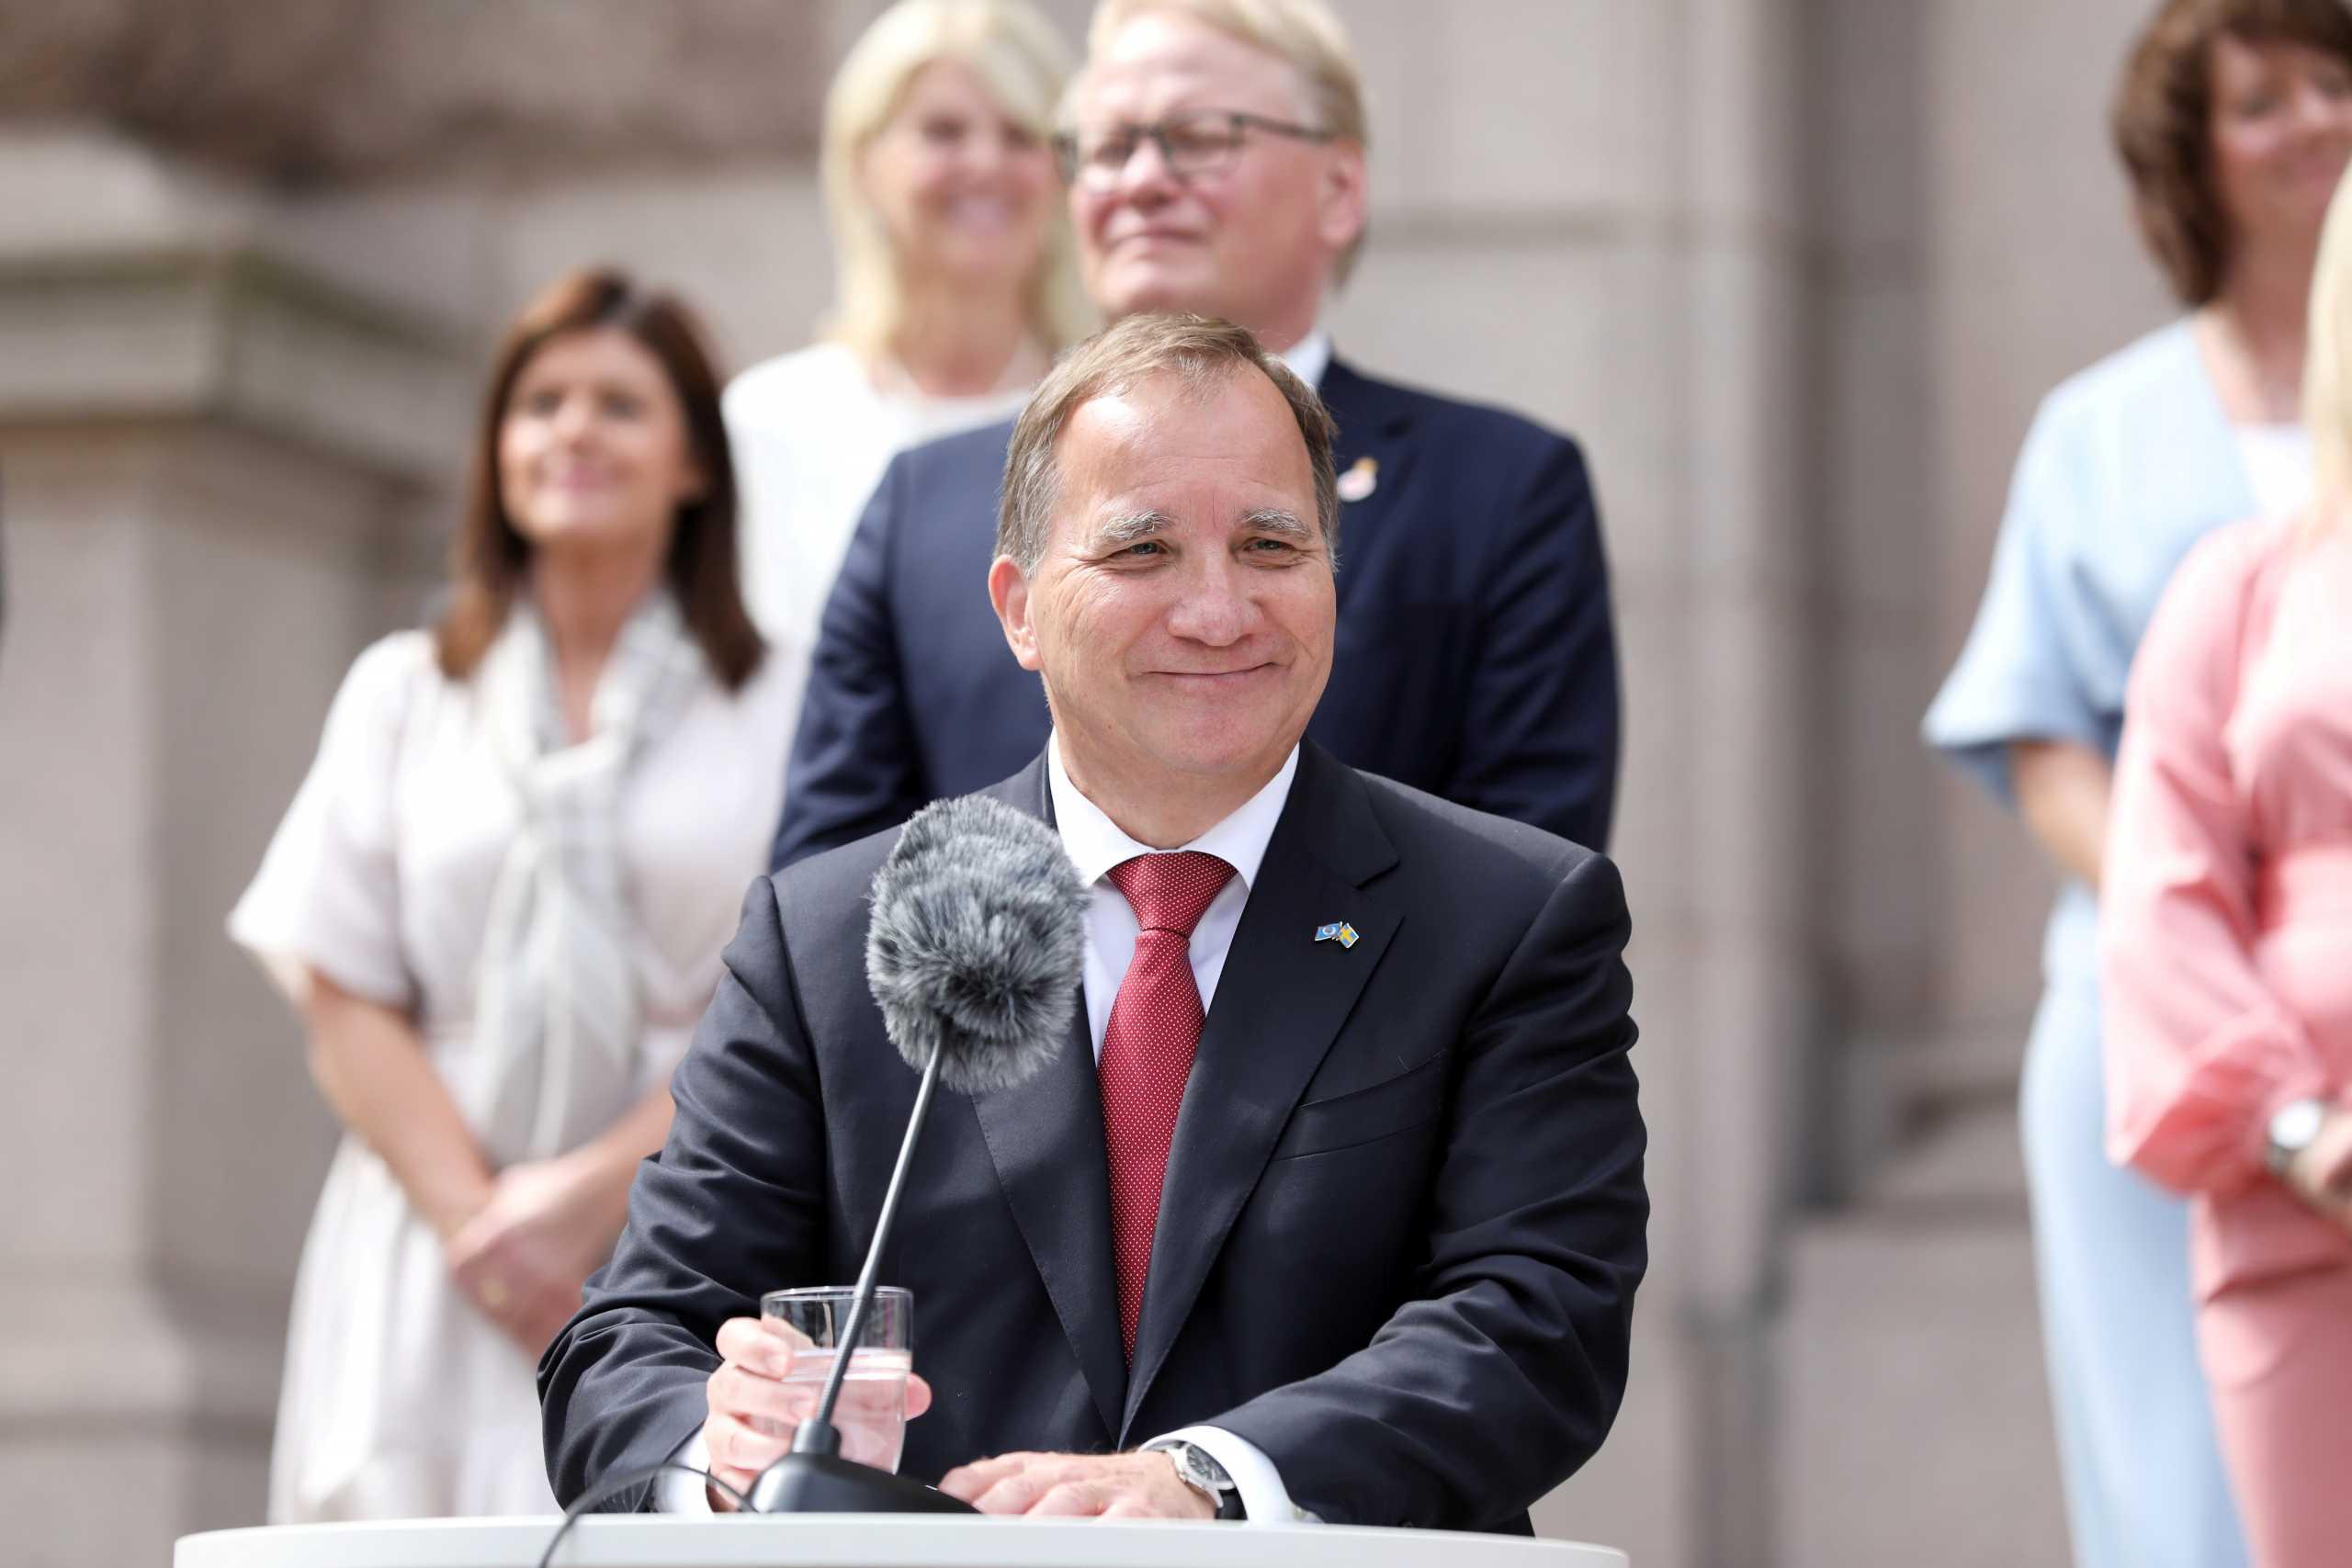 Σουηδία: Ο πρωθυπουργός Στεφάν Λεβέν ανακοίνωσε ότι θα παραιτηθεί τον Νοέμβριο